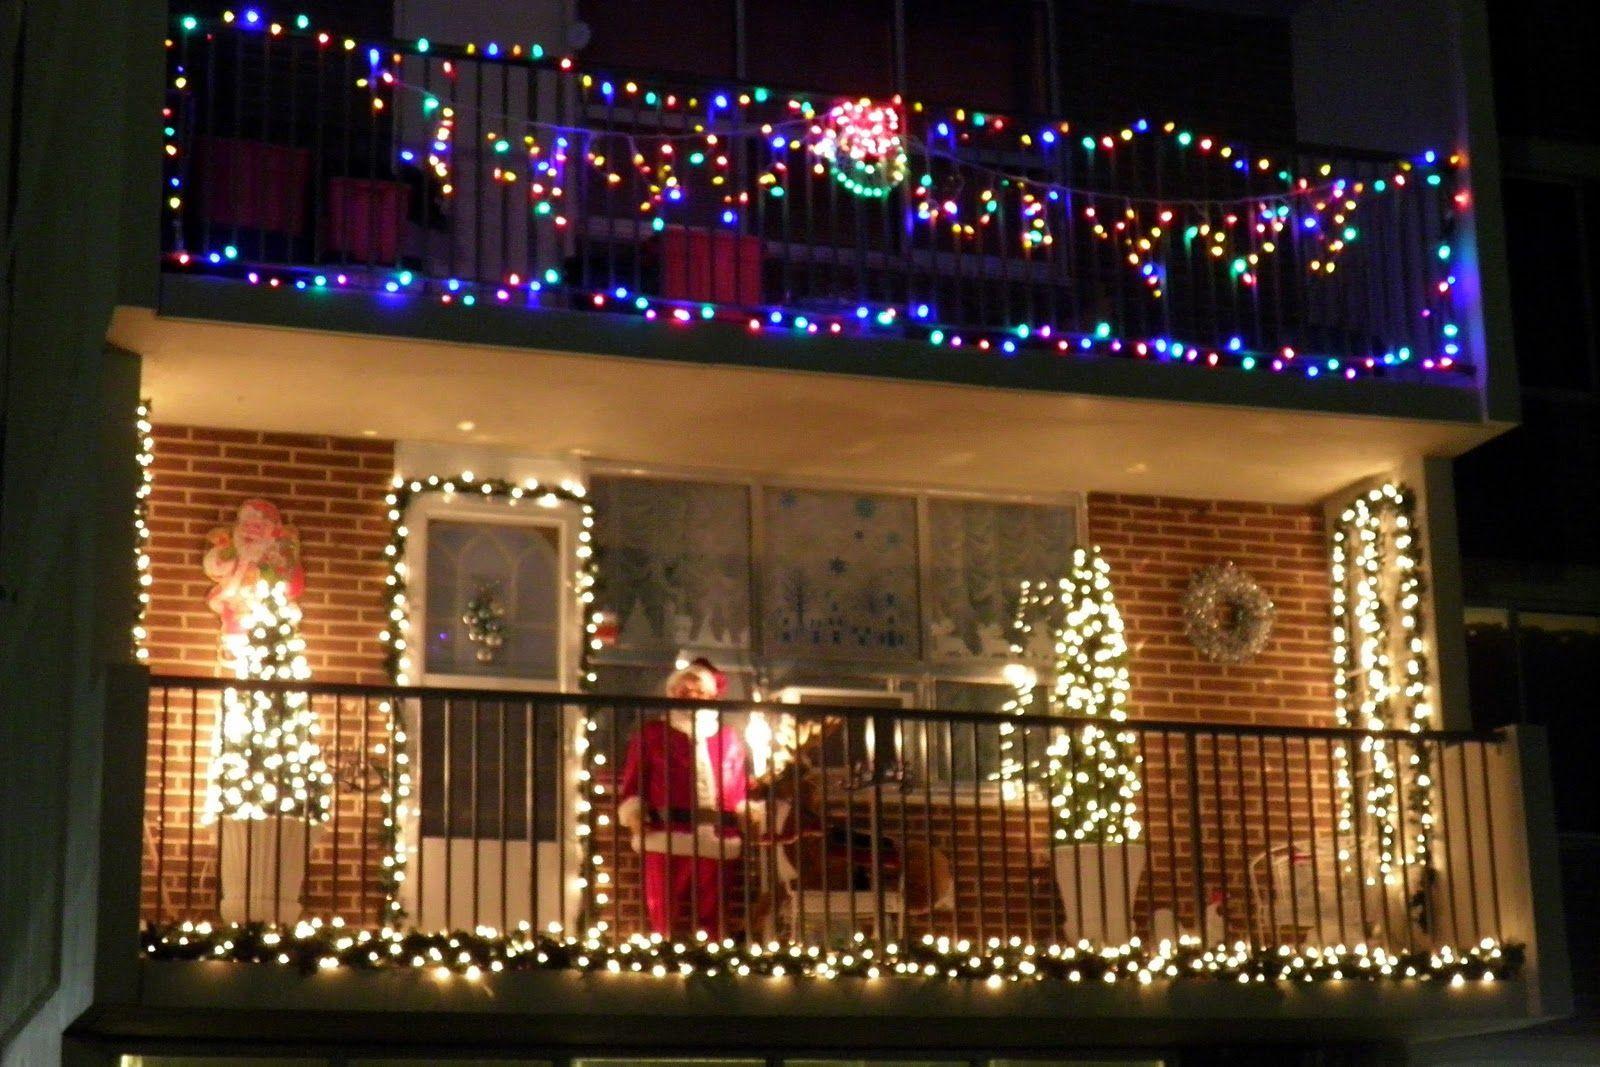 Apartment Balcony Christmas Lights  Fresh Christmas Light Ideas For Balcony Exterior Design